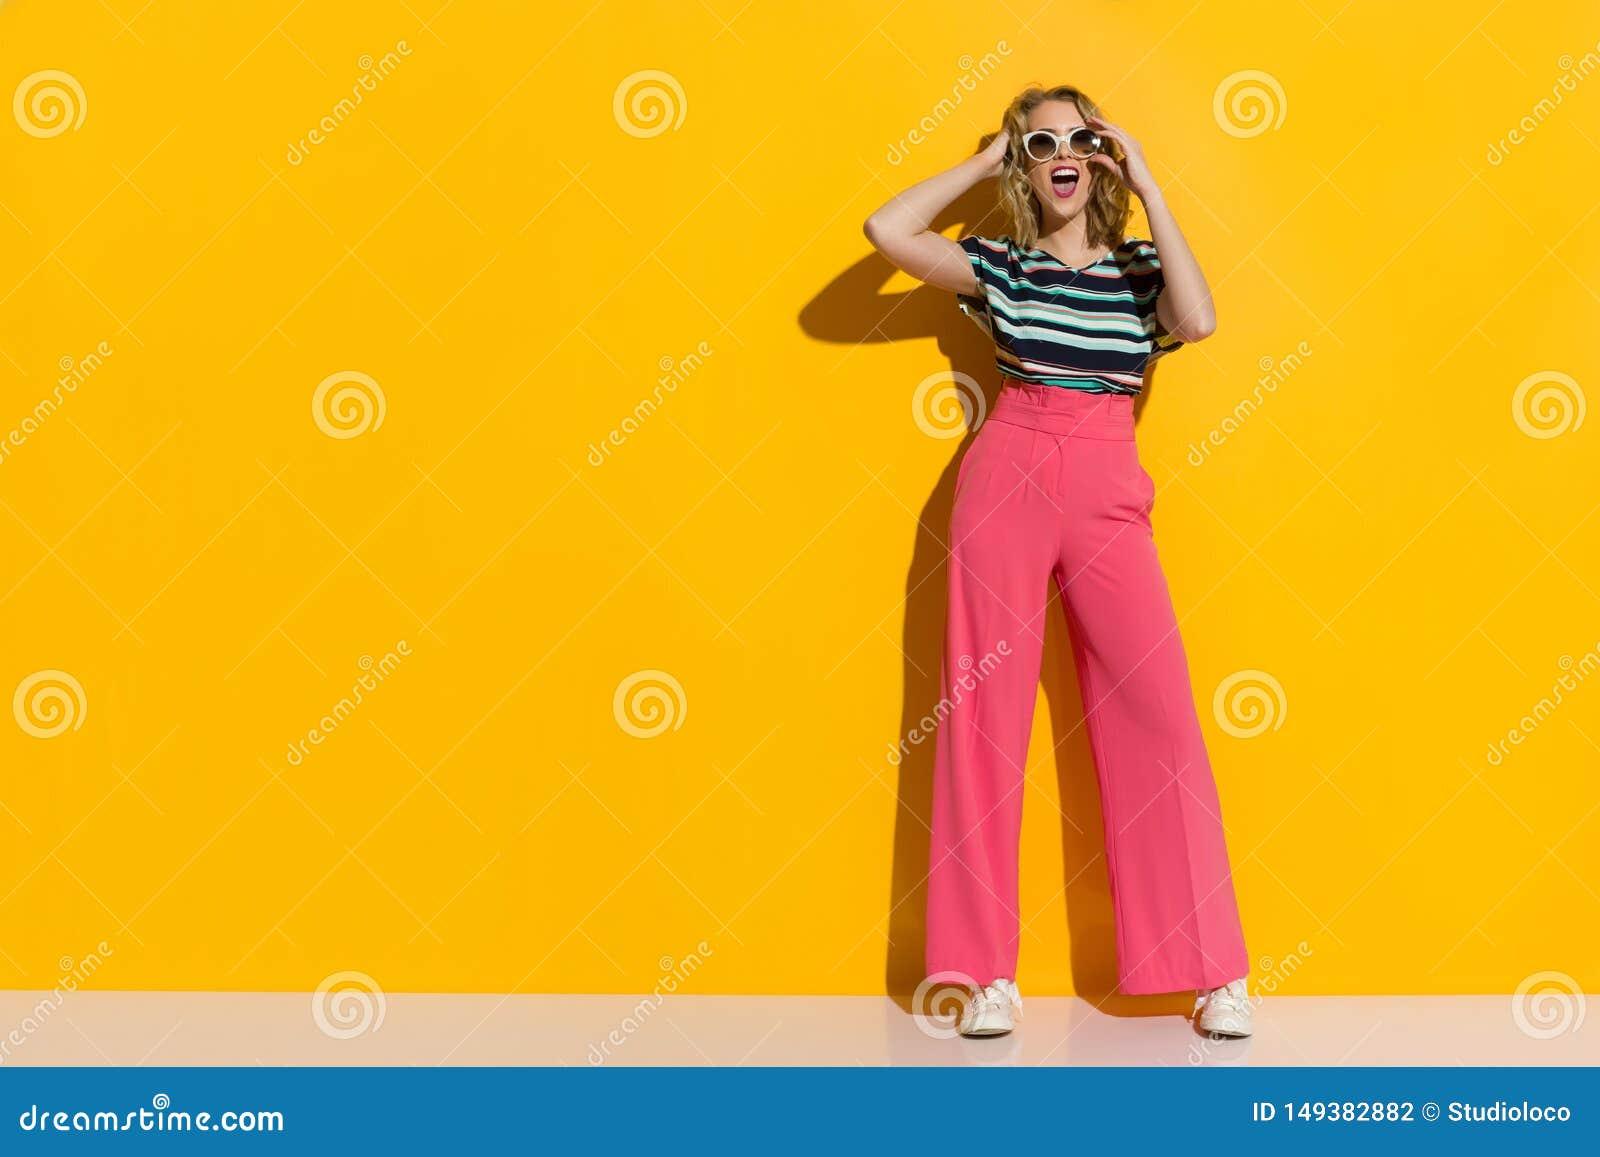 La Mujer Elegante Feliz En Gafas De Sol Pantalones Anchos Rosados De Las Piernas Zapatillas De Deporte Y Blusa Rayada Est Grit Foto De Archivo Imagen De Pantalones Mujer 149382882